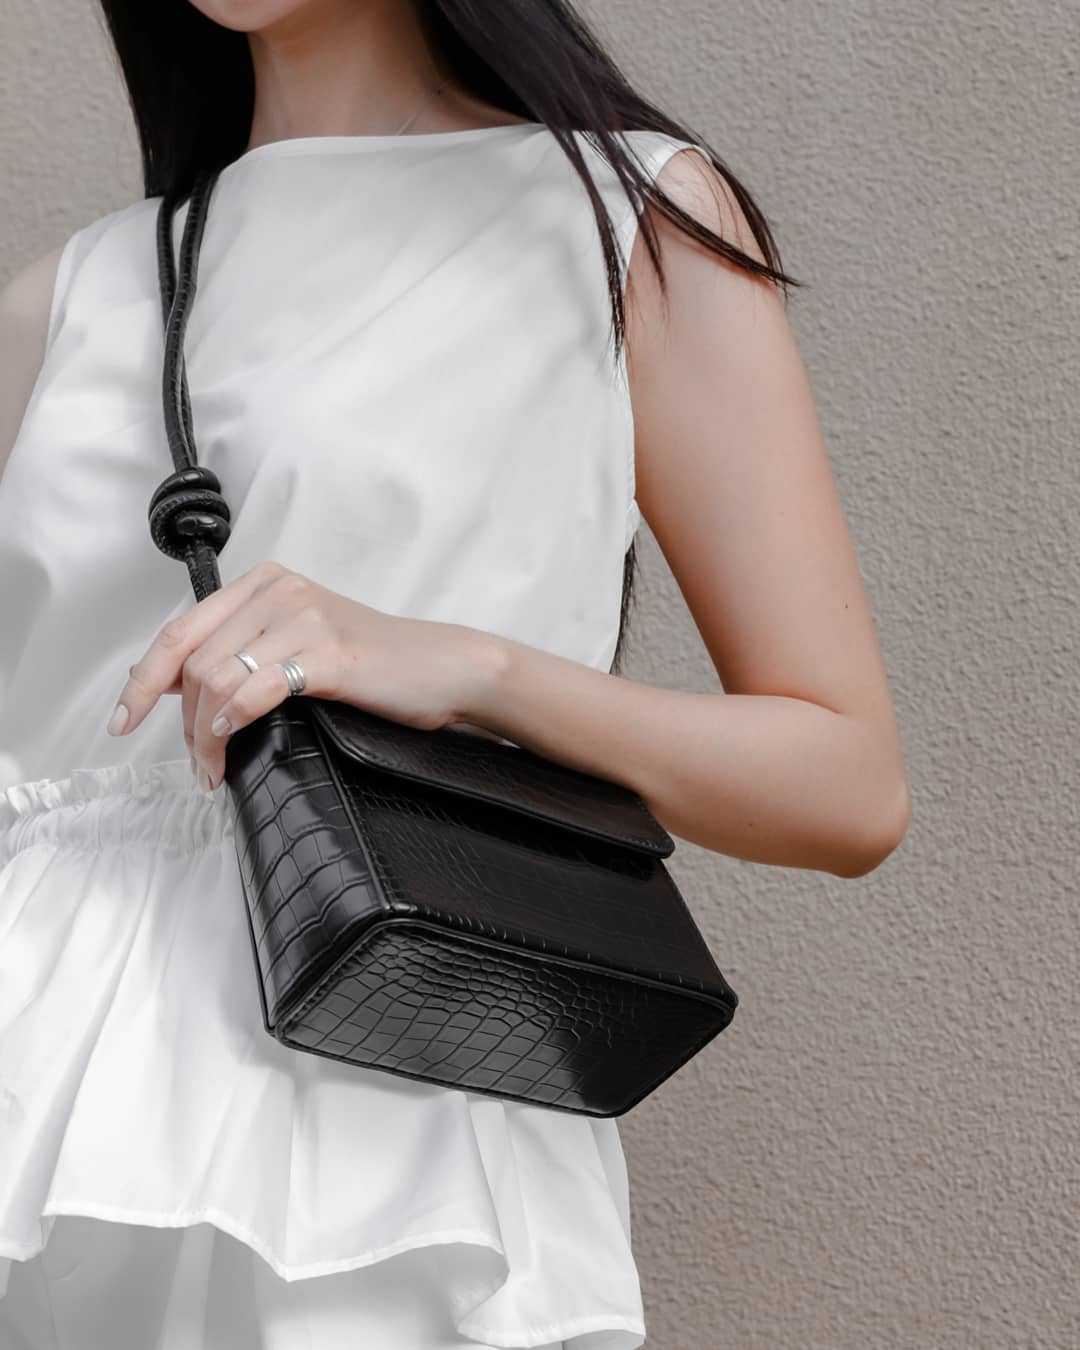 Tổng hợp túi xách rẻ đẹp nhất tại các shop online: Giá chỉ từ 200k mà toàn kiểu trendy sang chảnh - Ảnh 9.